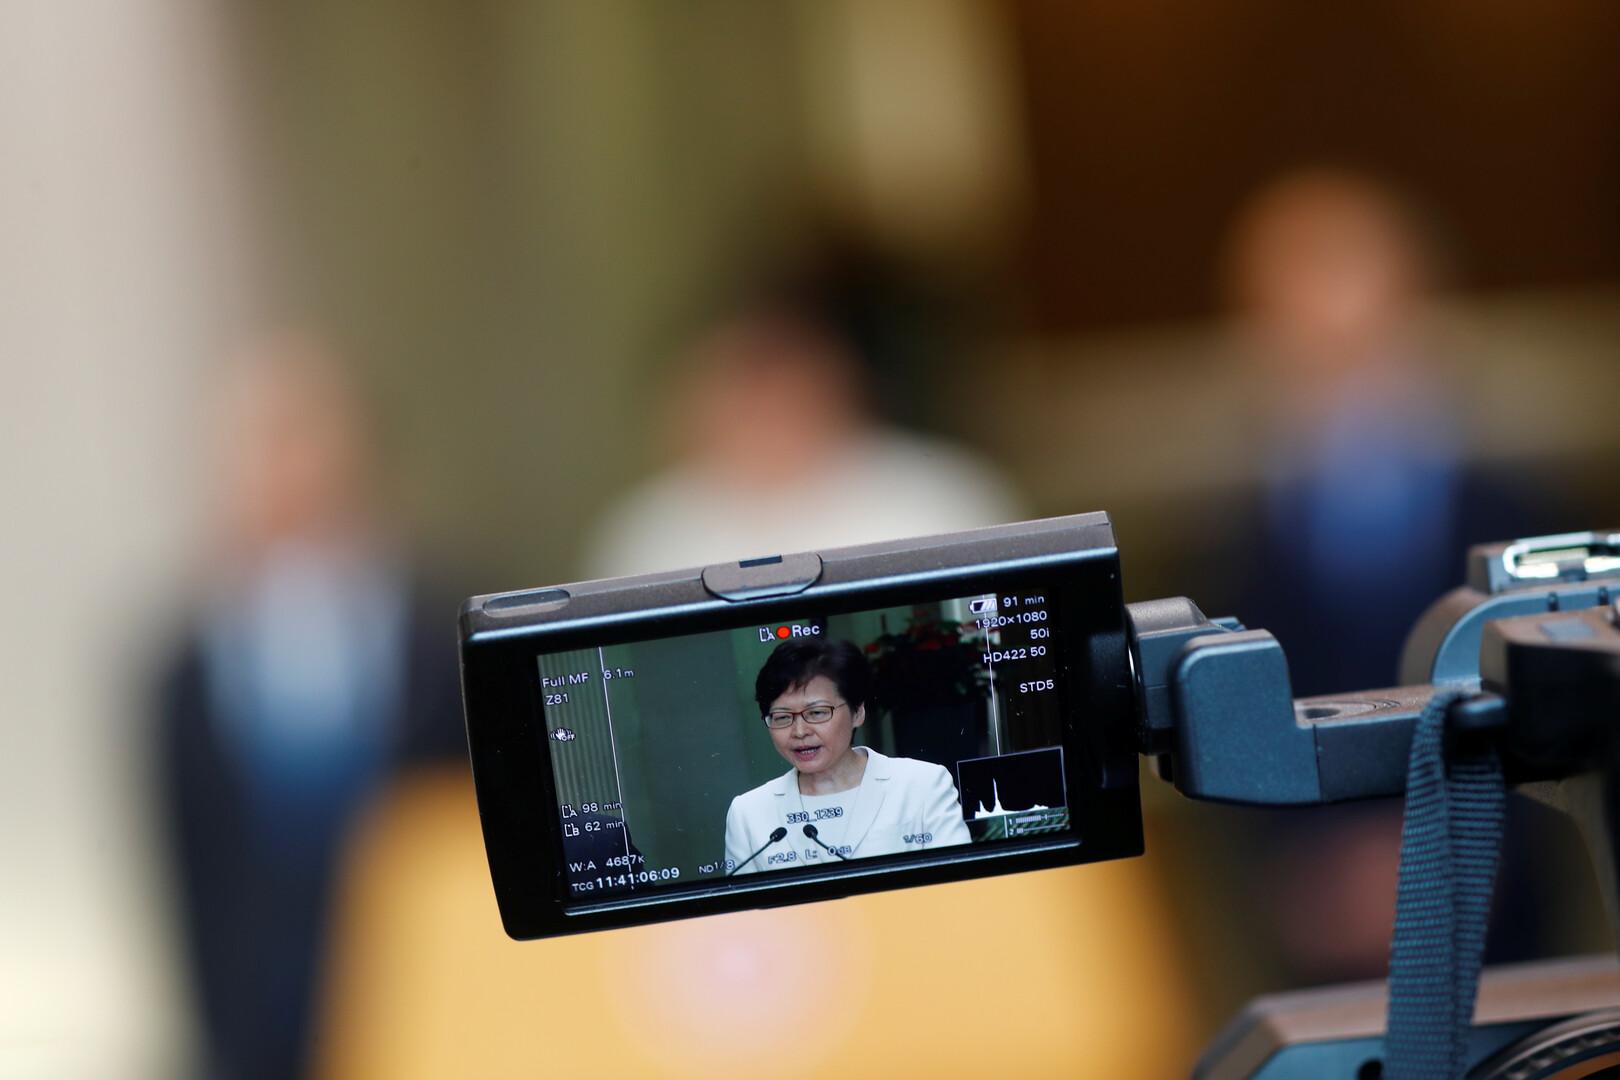 زعيمة هونغ كونغ تفشل بإرضاء المتظاهرين وتأهب لتظاهرات جديدة